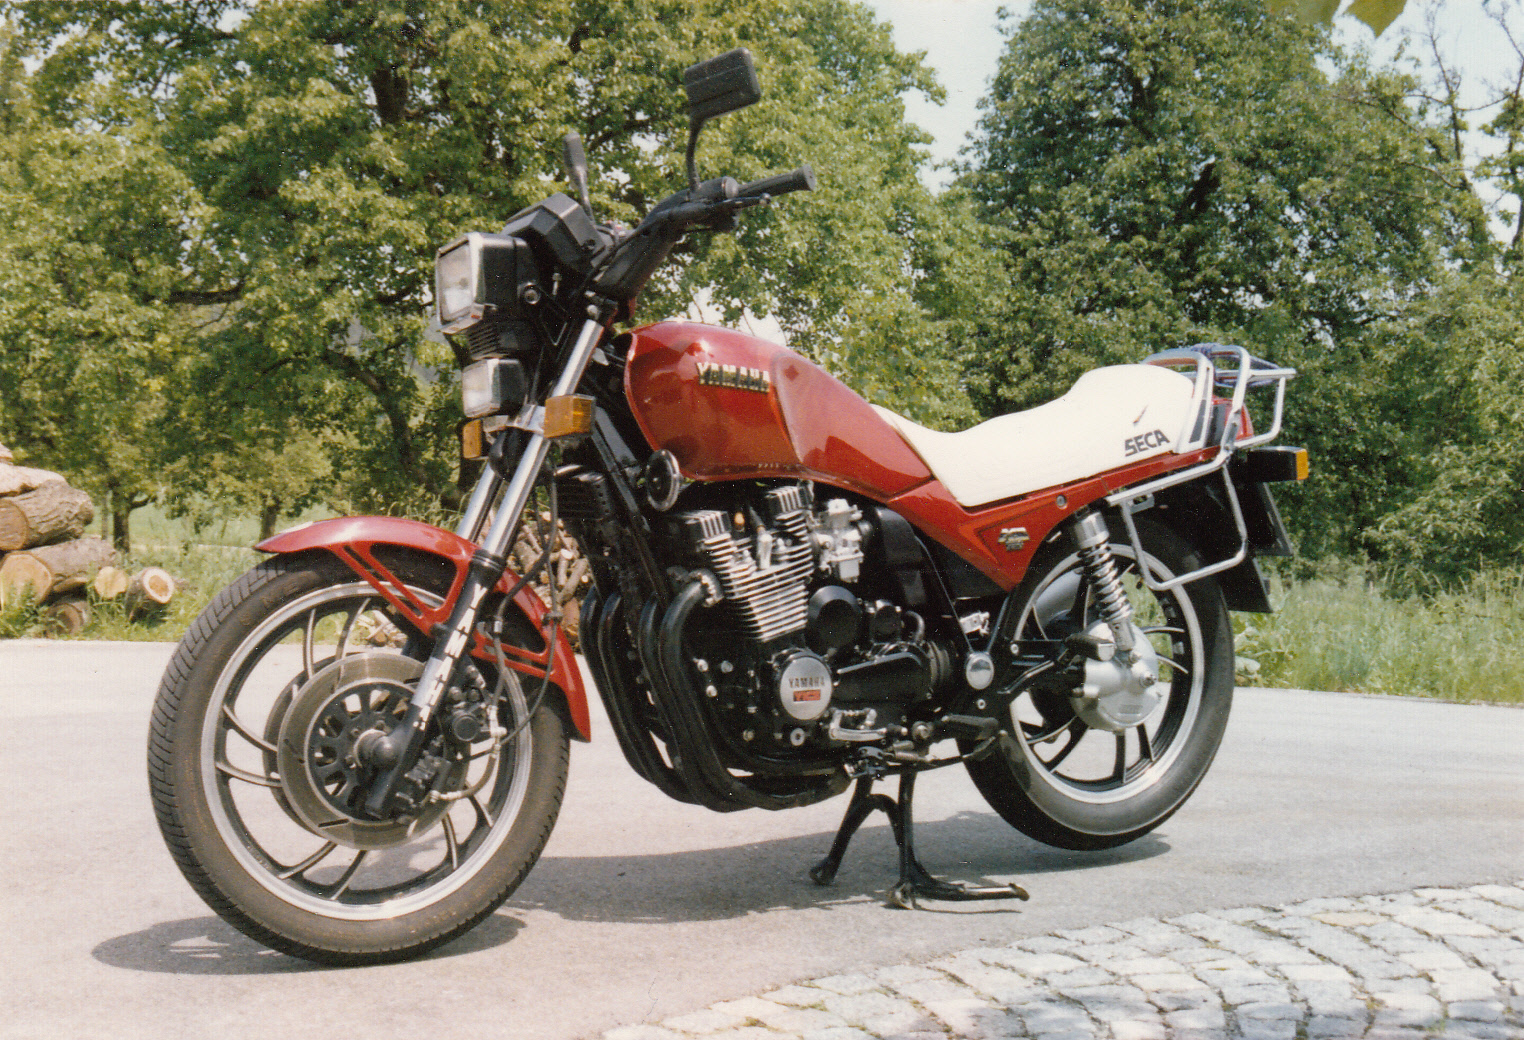 1984-xj_750_seca_0001.jpg